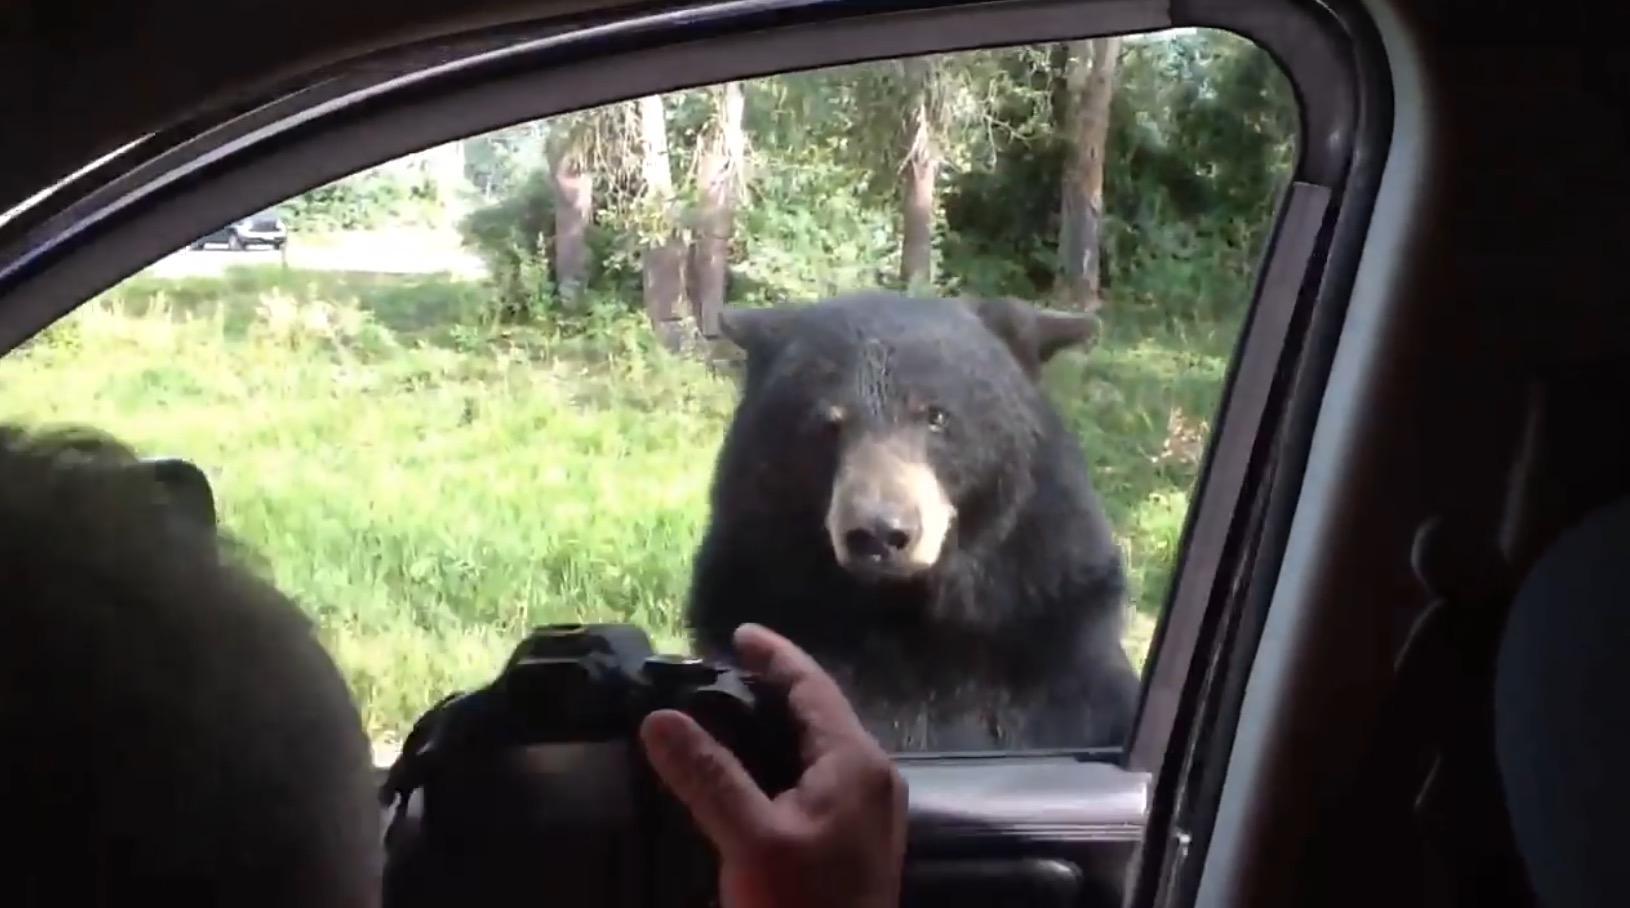 サファリパークで一家全滅の危機!熊の予想外の行動に車内は大パニック!!